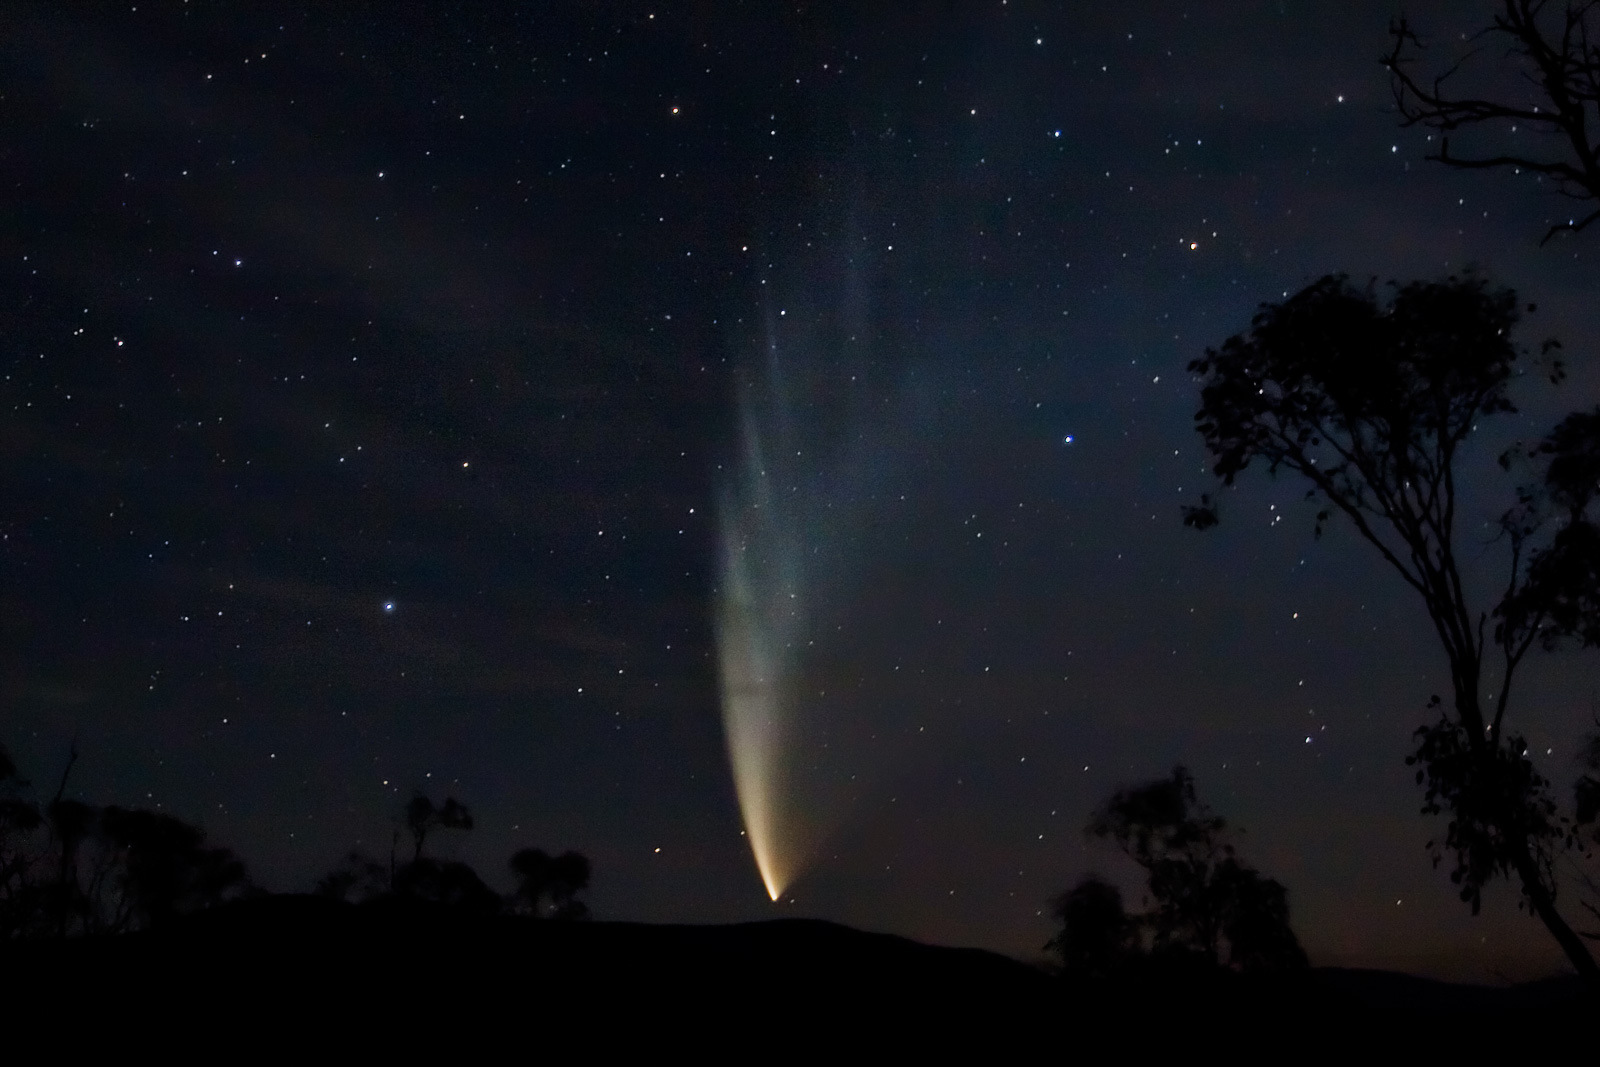 Нужно, впрочем, отметить, что в XXI веке наблюдалась гораздо более впечатляющая комета и в «менее примечательном» 2007 году — комета Макнота (C/2006 P1), известная также как Большая комета 2007 года, — долгопериодическая комета, открытая 7 августа 2006 года шотландским астрономом Робертом Макнотом. Однако та прошлая «небесная странница», посрамившая комету Хейла — Боппа, радовала в январе и феврале 2007 года лишь обитателей Южного полушария и только у самого горизонта порой могла наблюдаться в Северном. «Википедия»